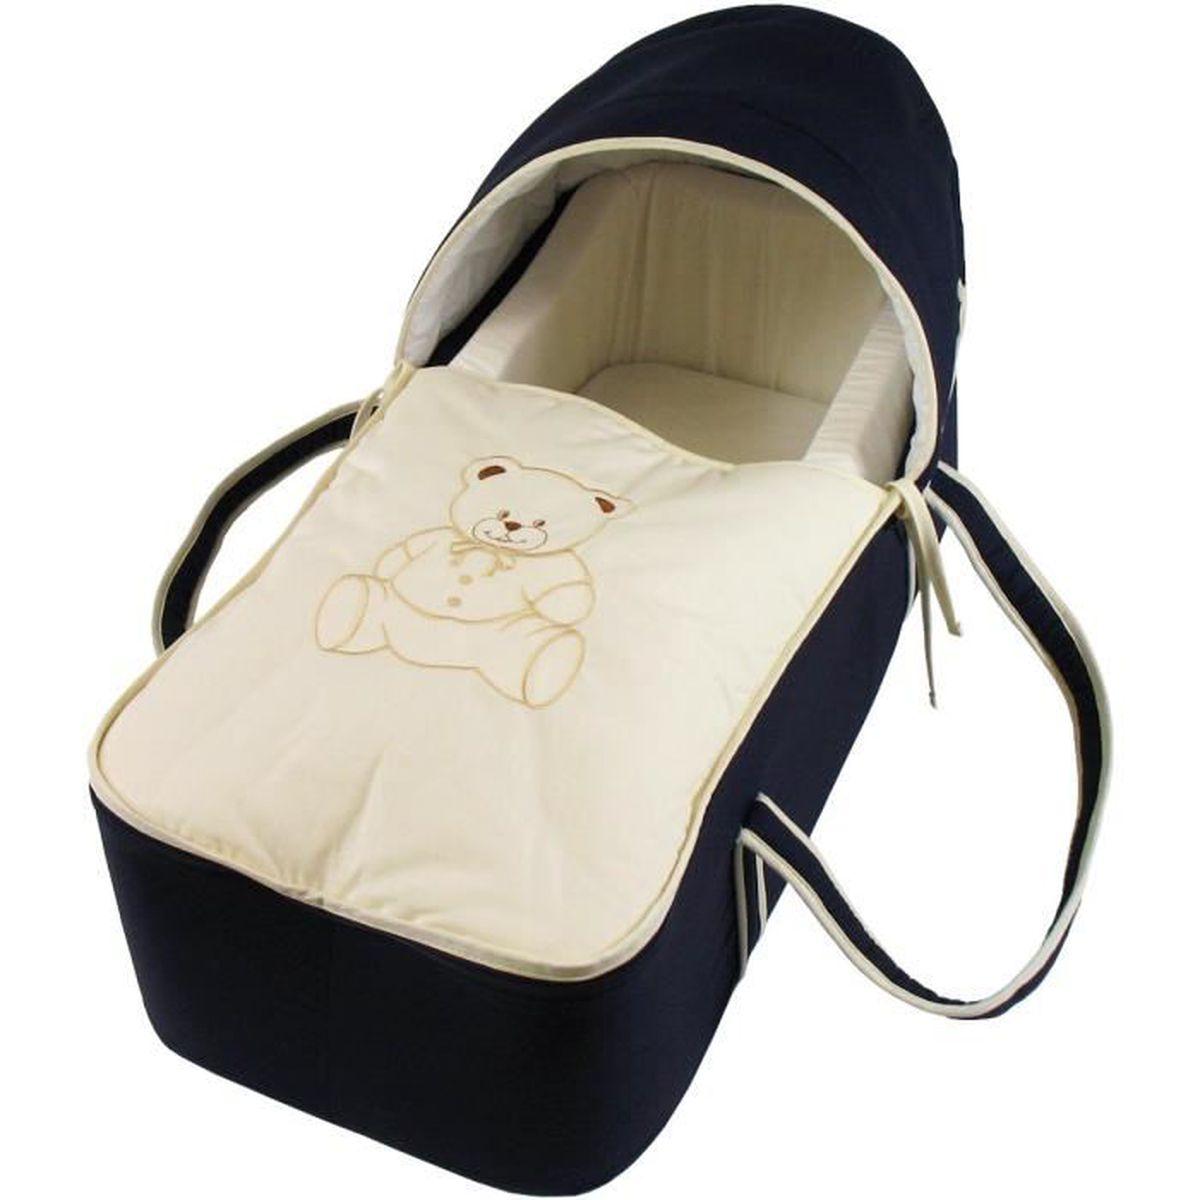 COUFFIN ET SUPPORT Couffin pour bébé bleu nuit et beige - Motif Nouno